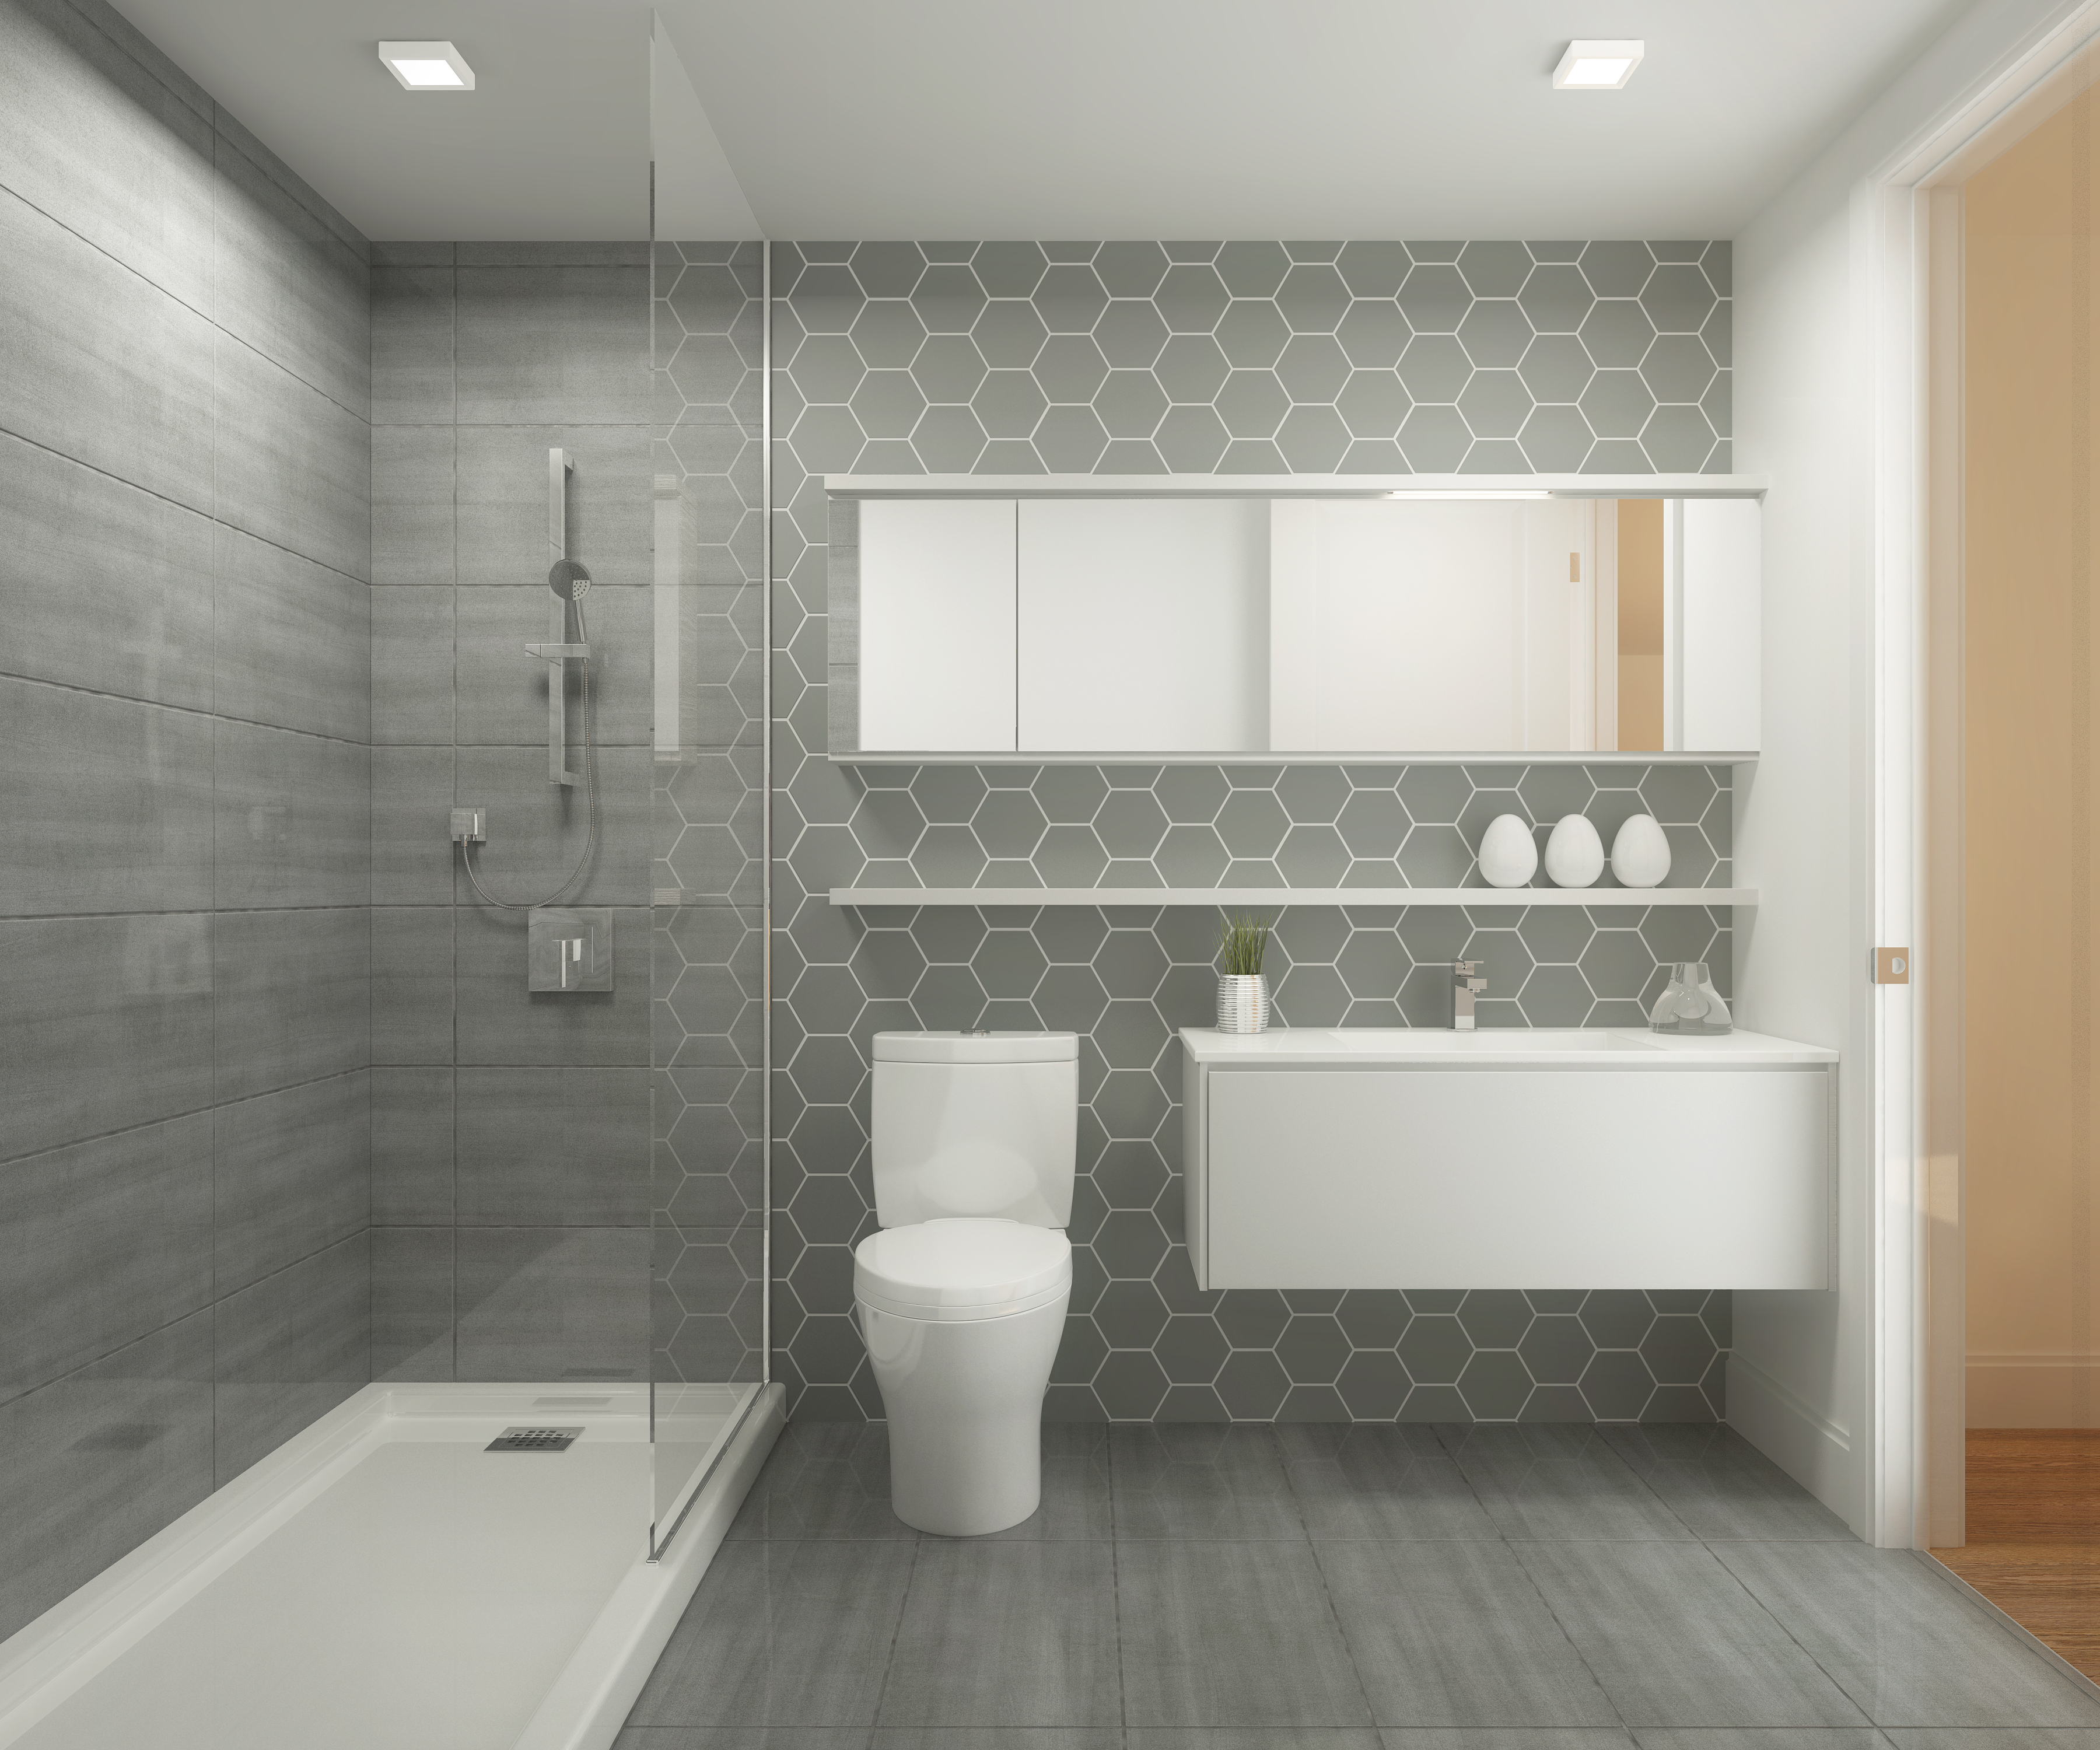 Petit guide pour une salle de bain wow for Modele de salle de bain marocaine